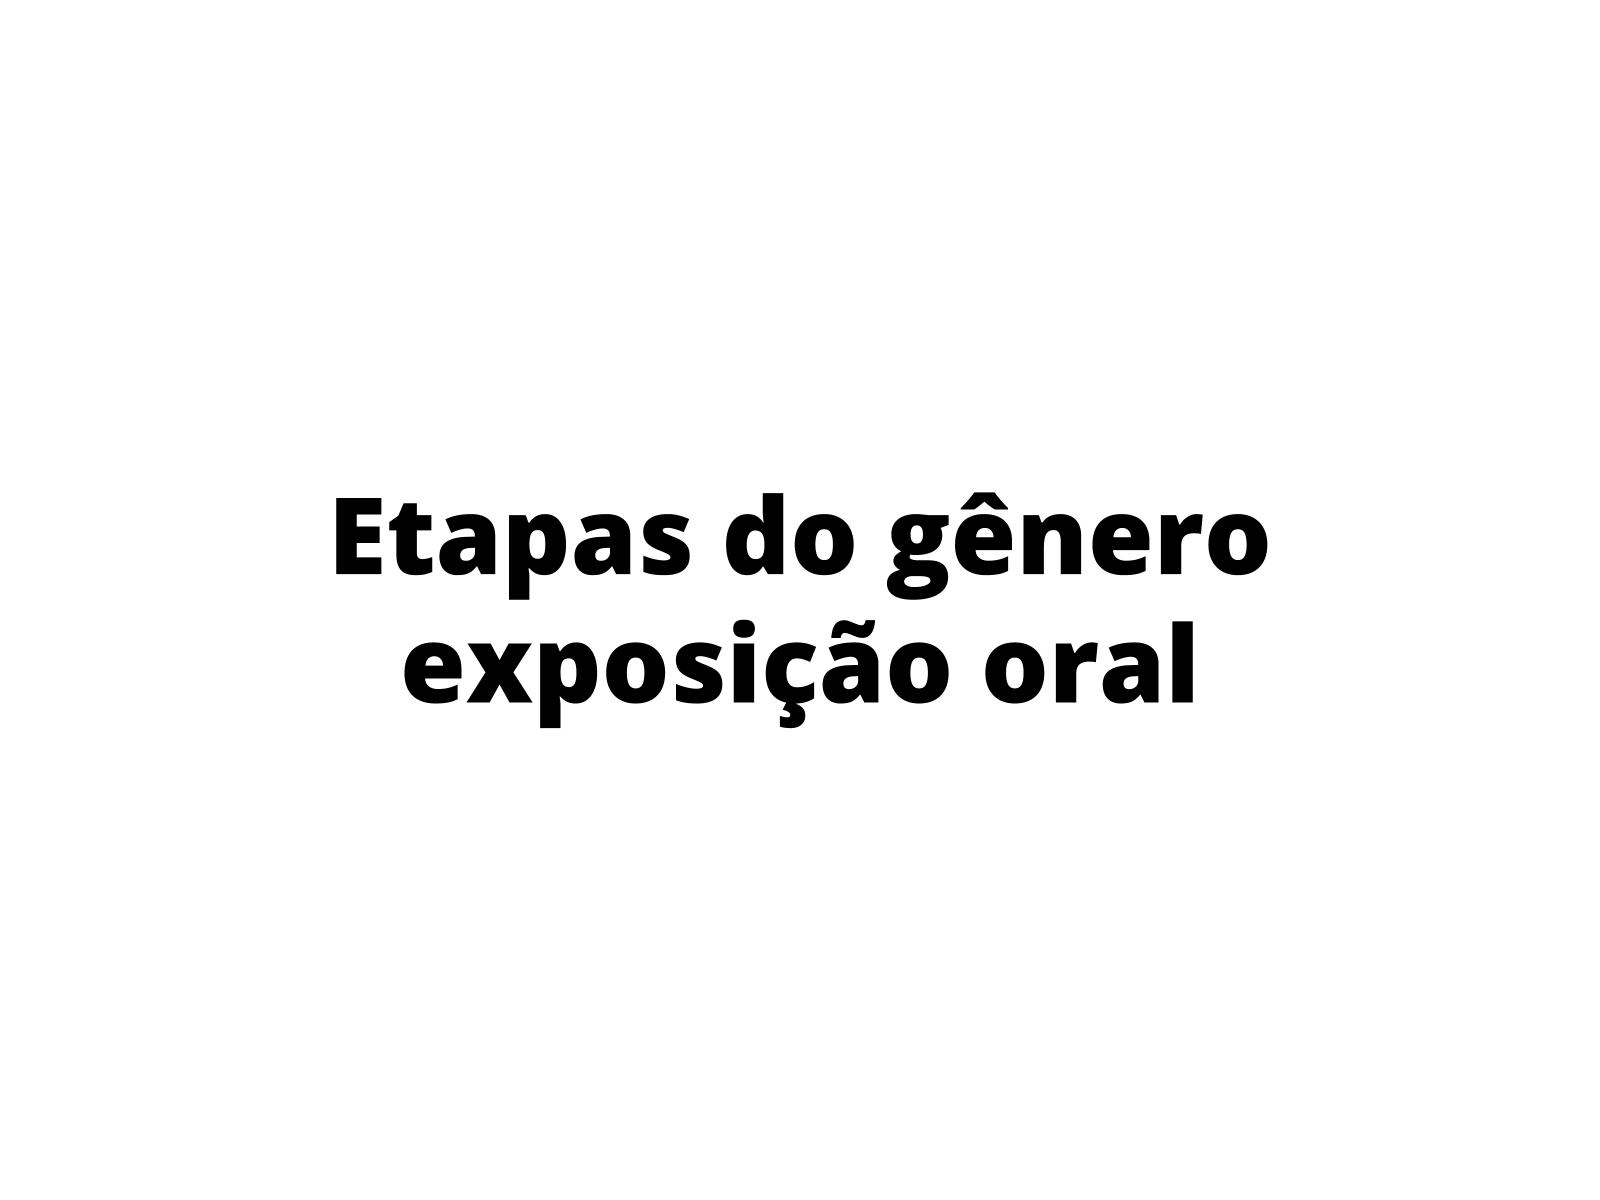 Aspectos de etapas da exposição oral